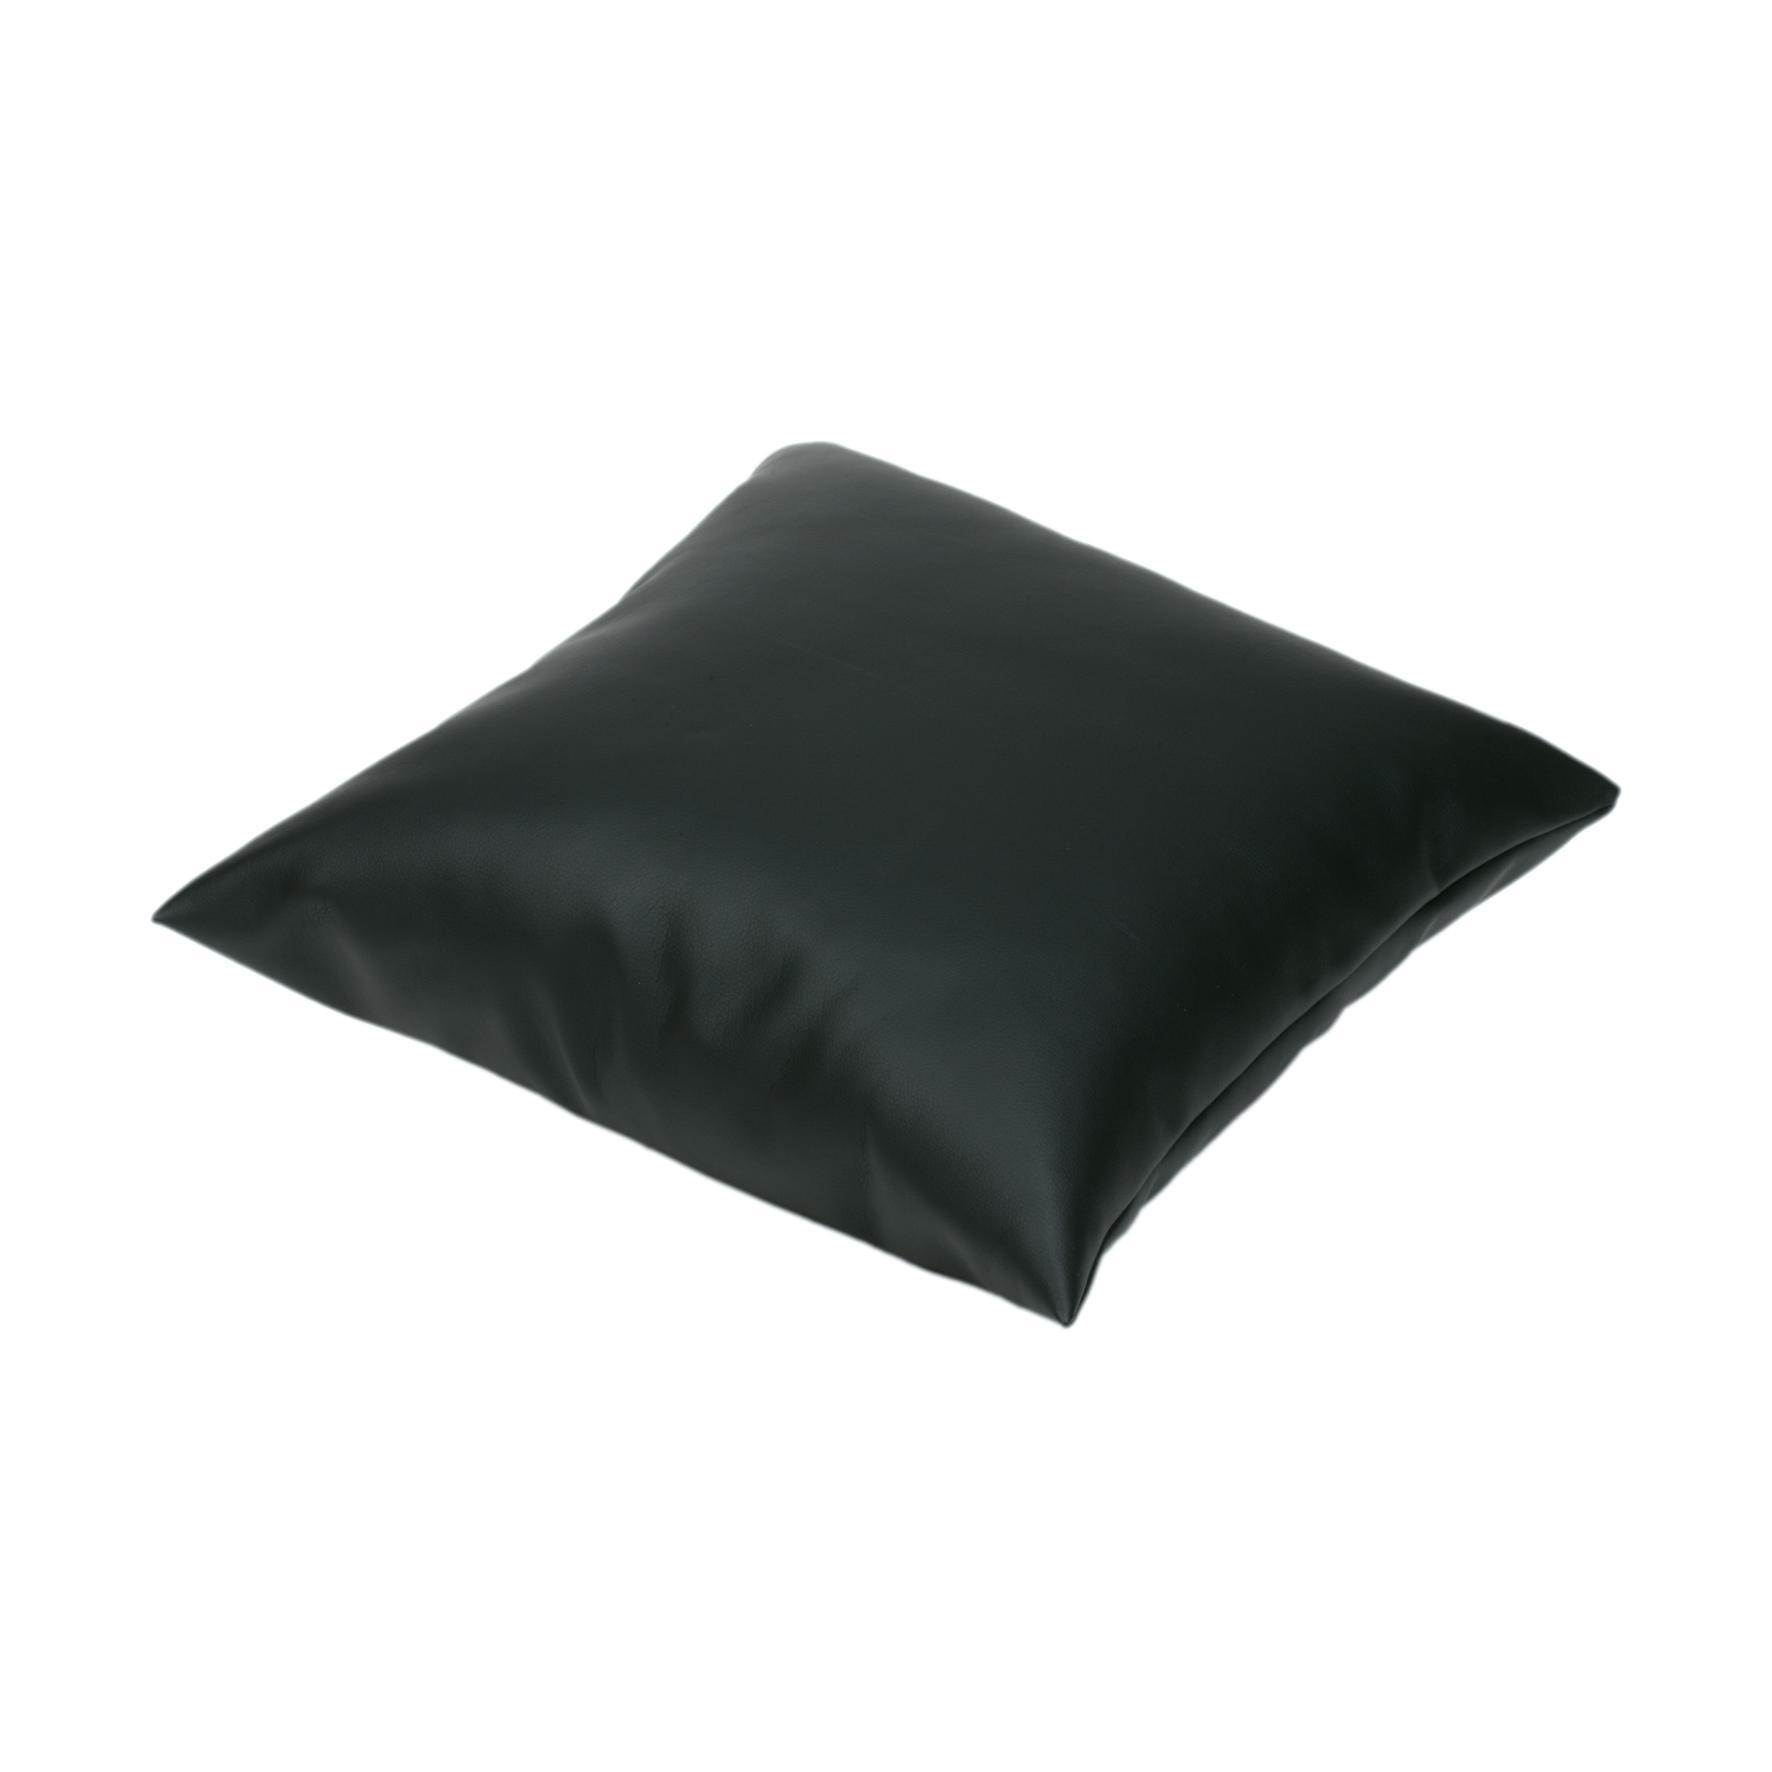 Cuscino Silvia nero 60x60 cm - 6